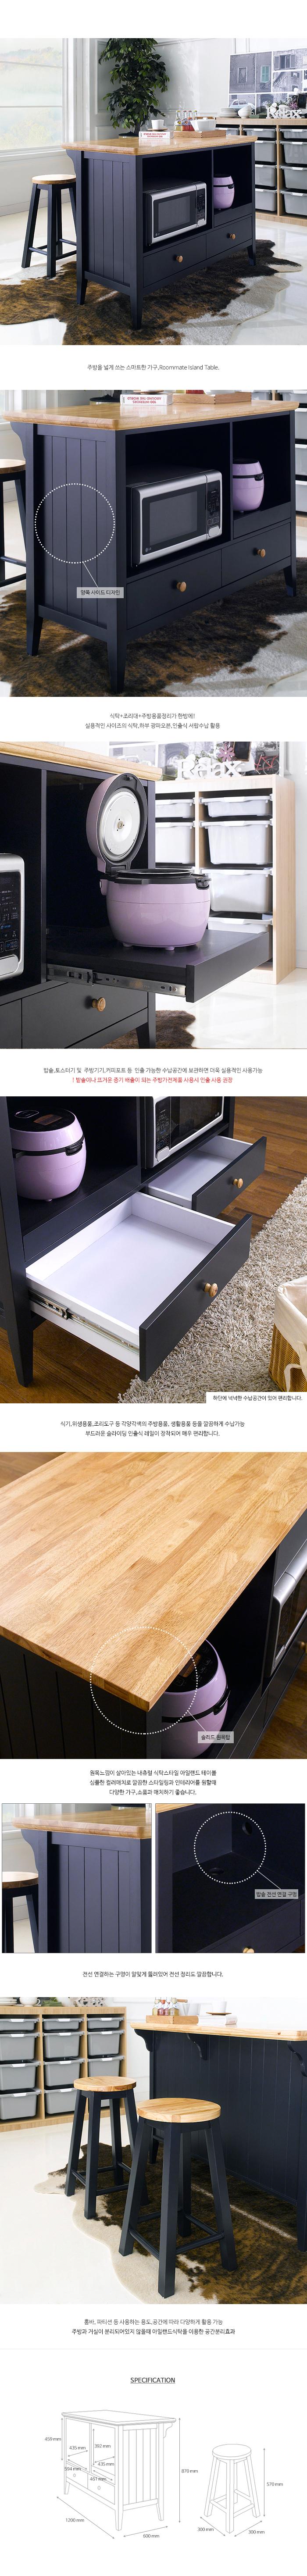 Room_mate-Grey_Kitchen_Table_full.jpg